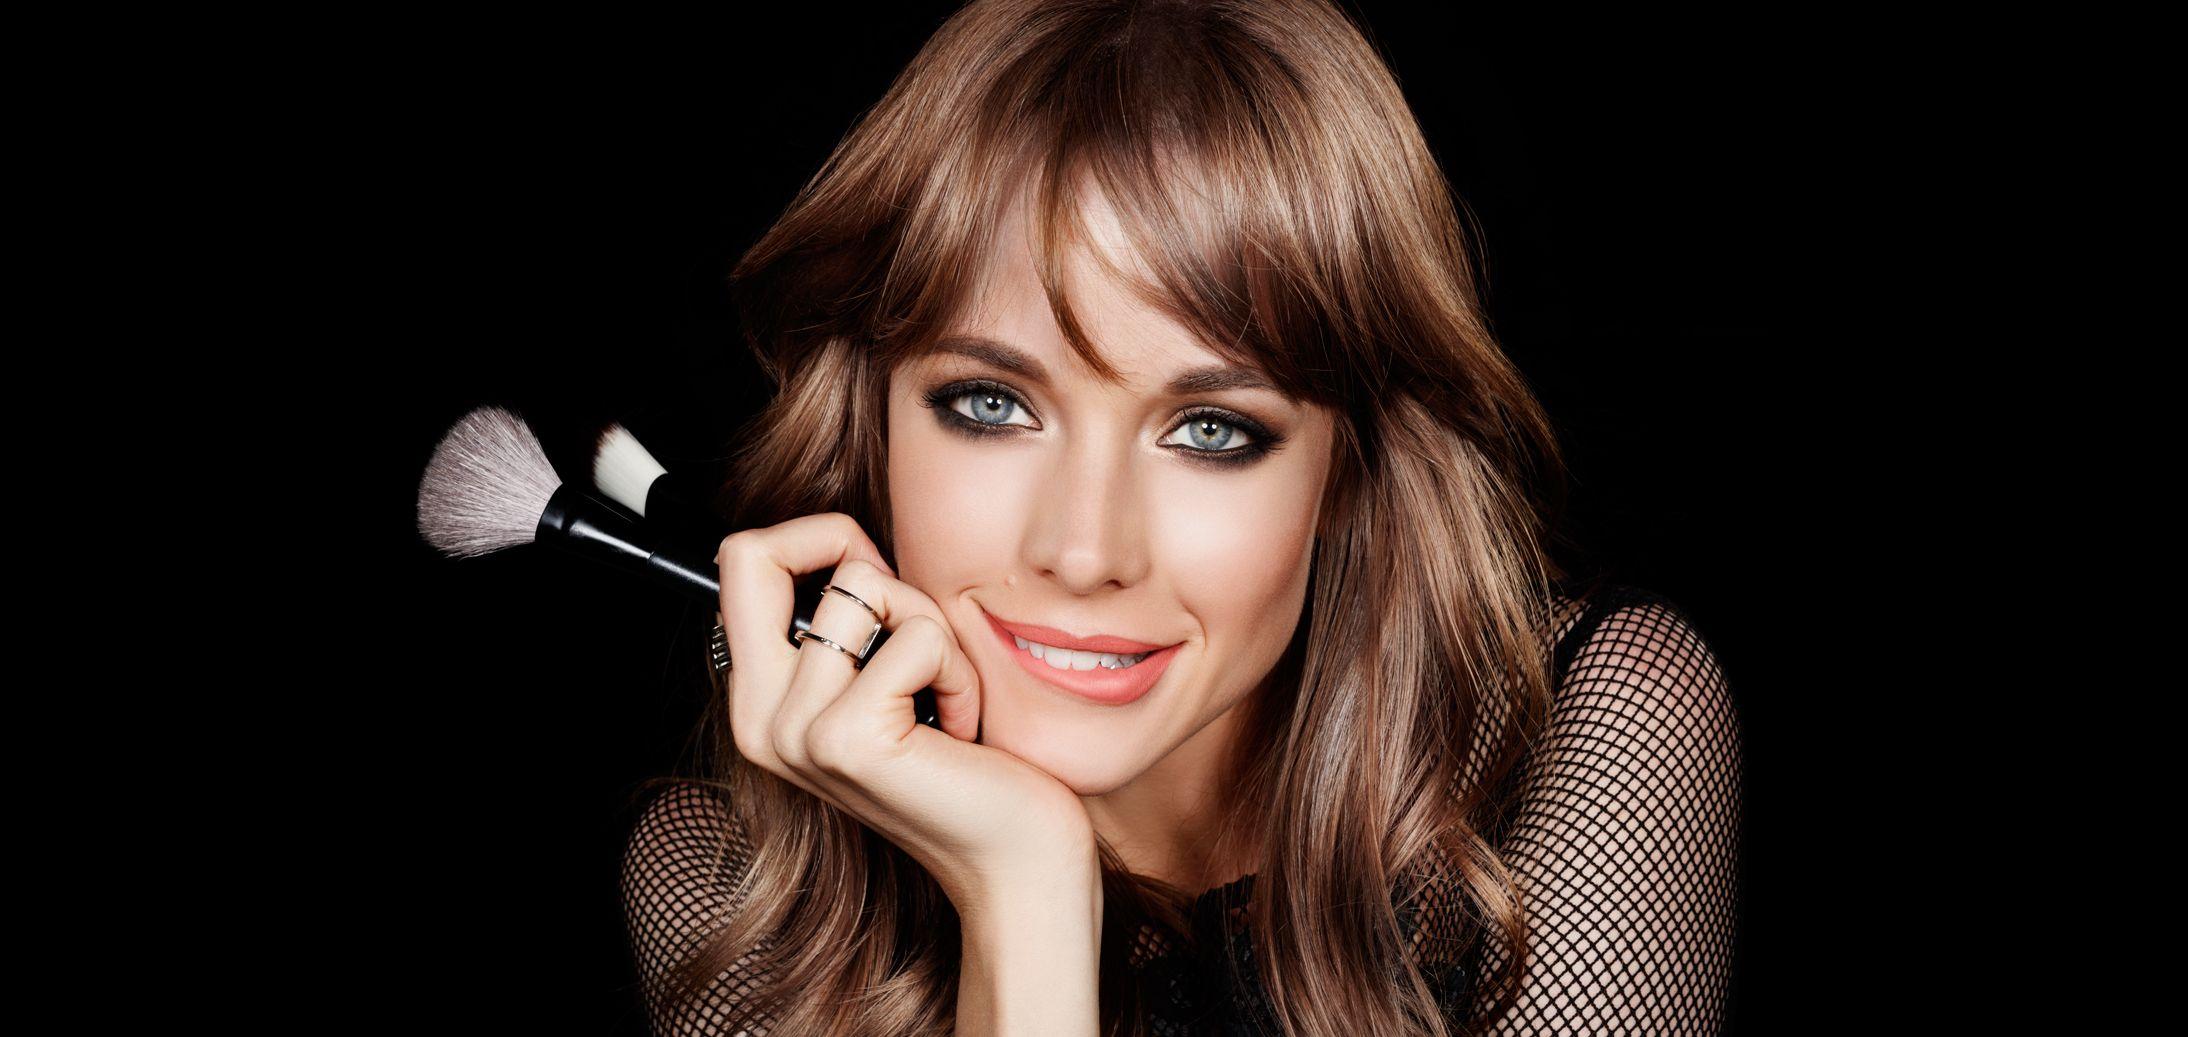 LOOK farmacity lanzó Make up is Magic, su propuesta otoño invierno. Pasen por #FashionFanAr para conocer las tendencias que propone BETTINA FRUMBOLI, beauty influencer de la marca > http://bit.ly/1TSL81I  #makeup #beautyblogger #lookfarmacity